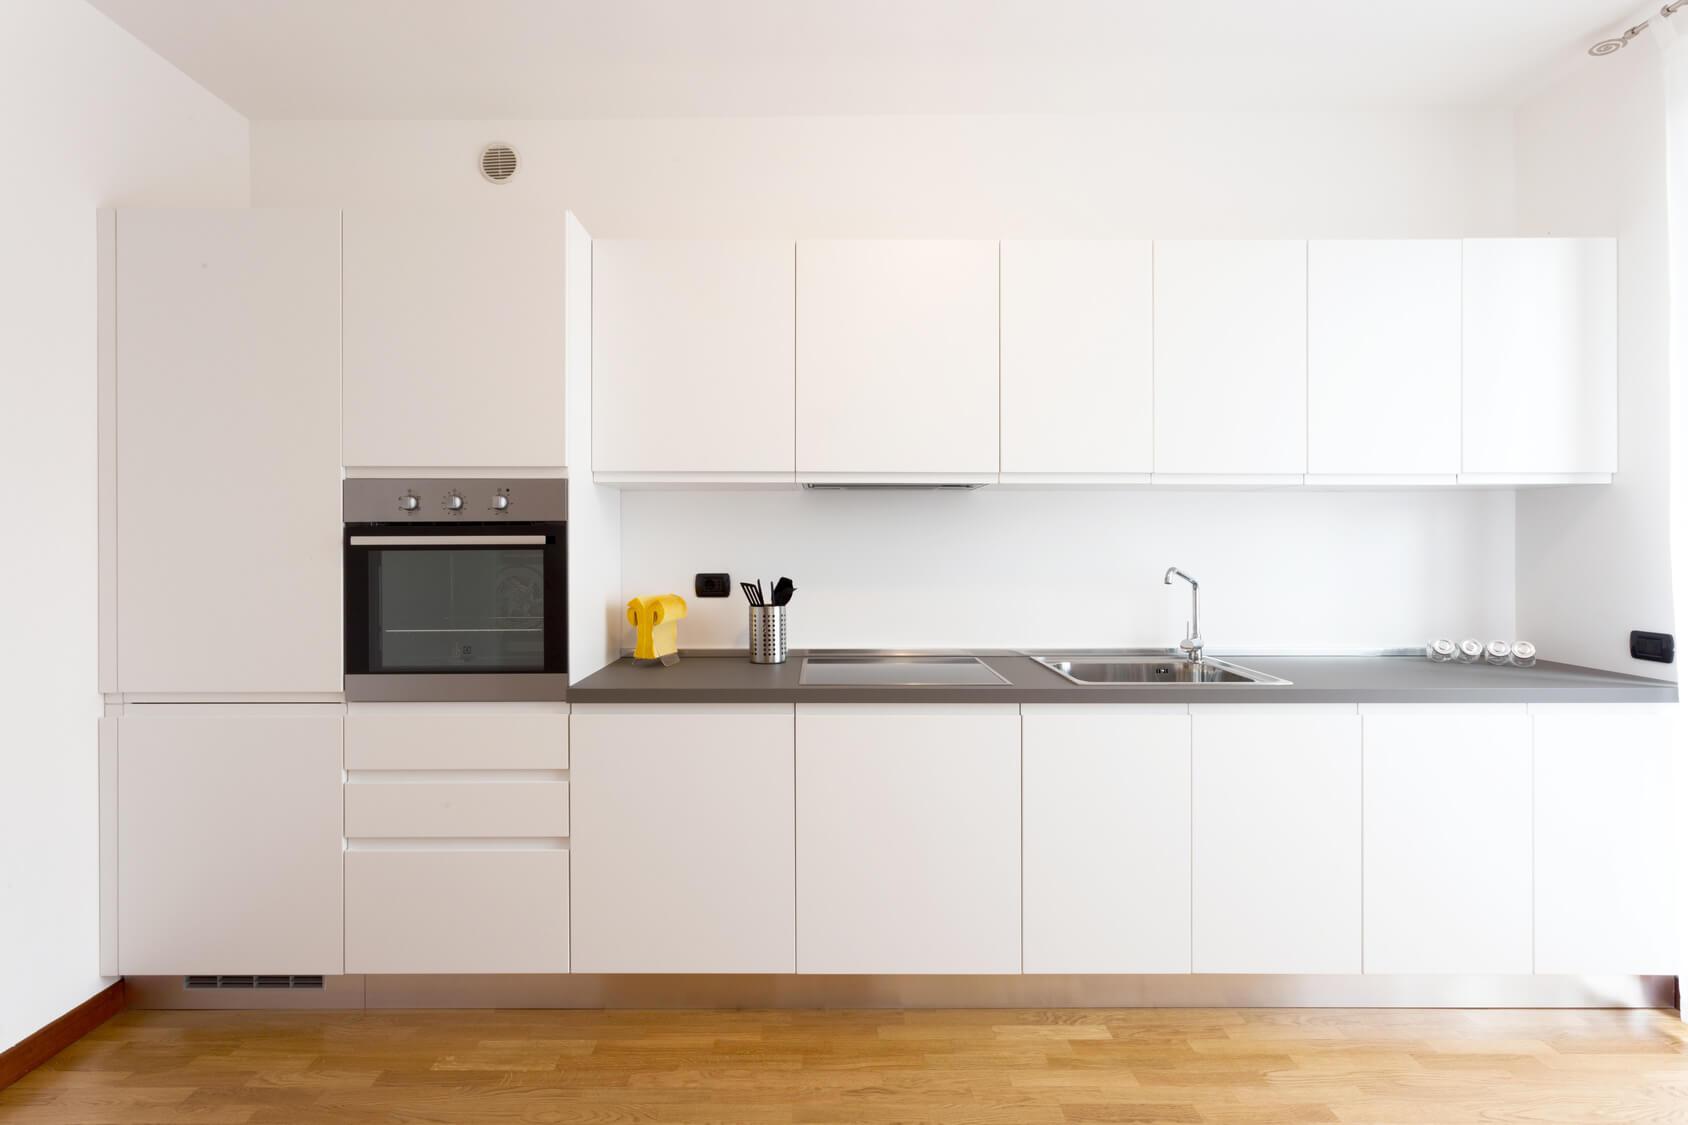 Cocina funcional cocinas vitoria muebles de cocina for Cocinas vitoria